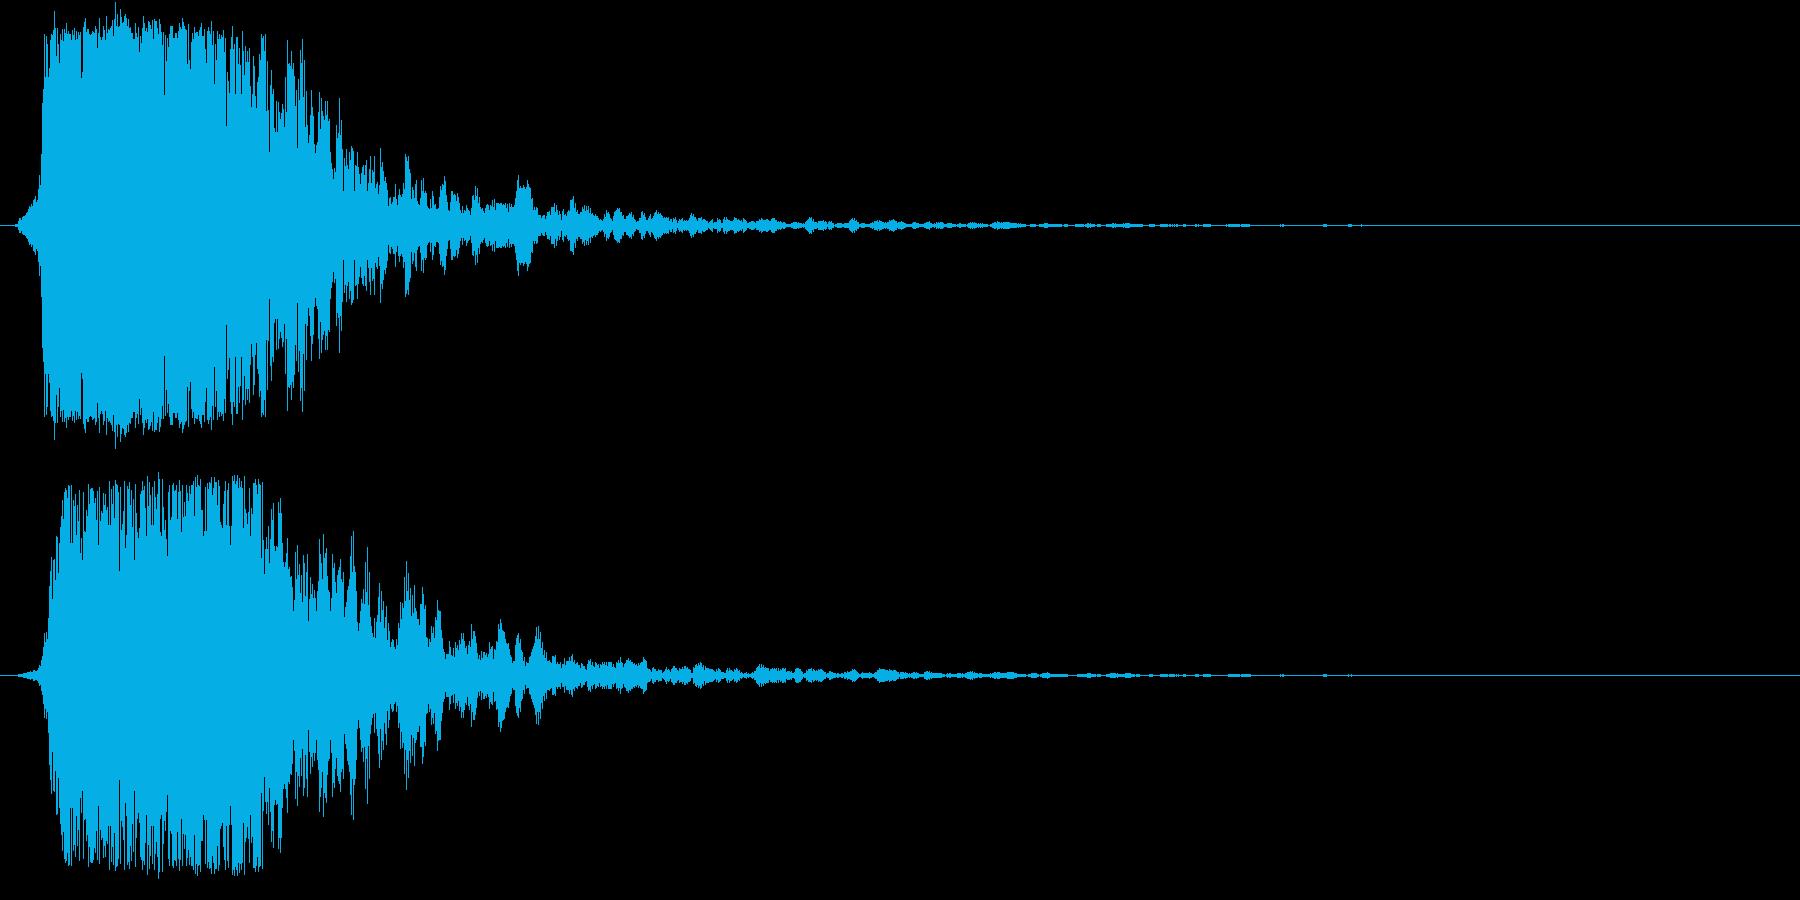 シャキーン!ド派手なインパクト効果音1Bの再生済みの波形